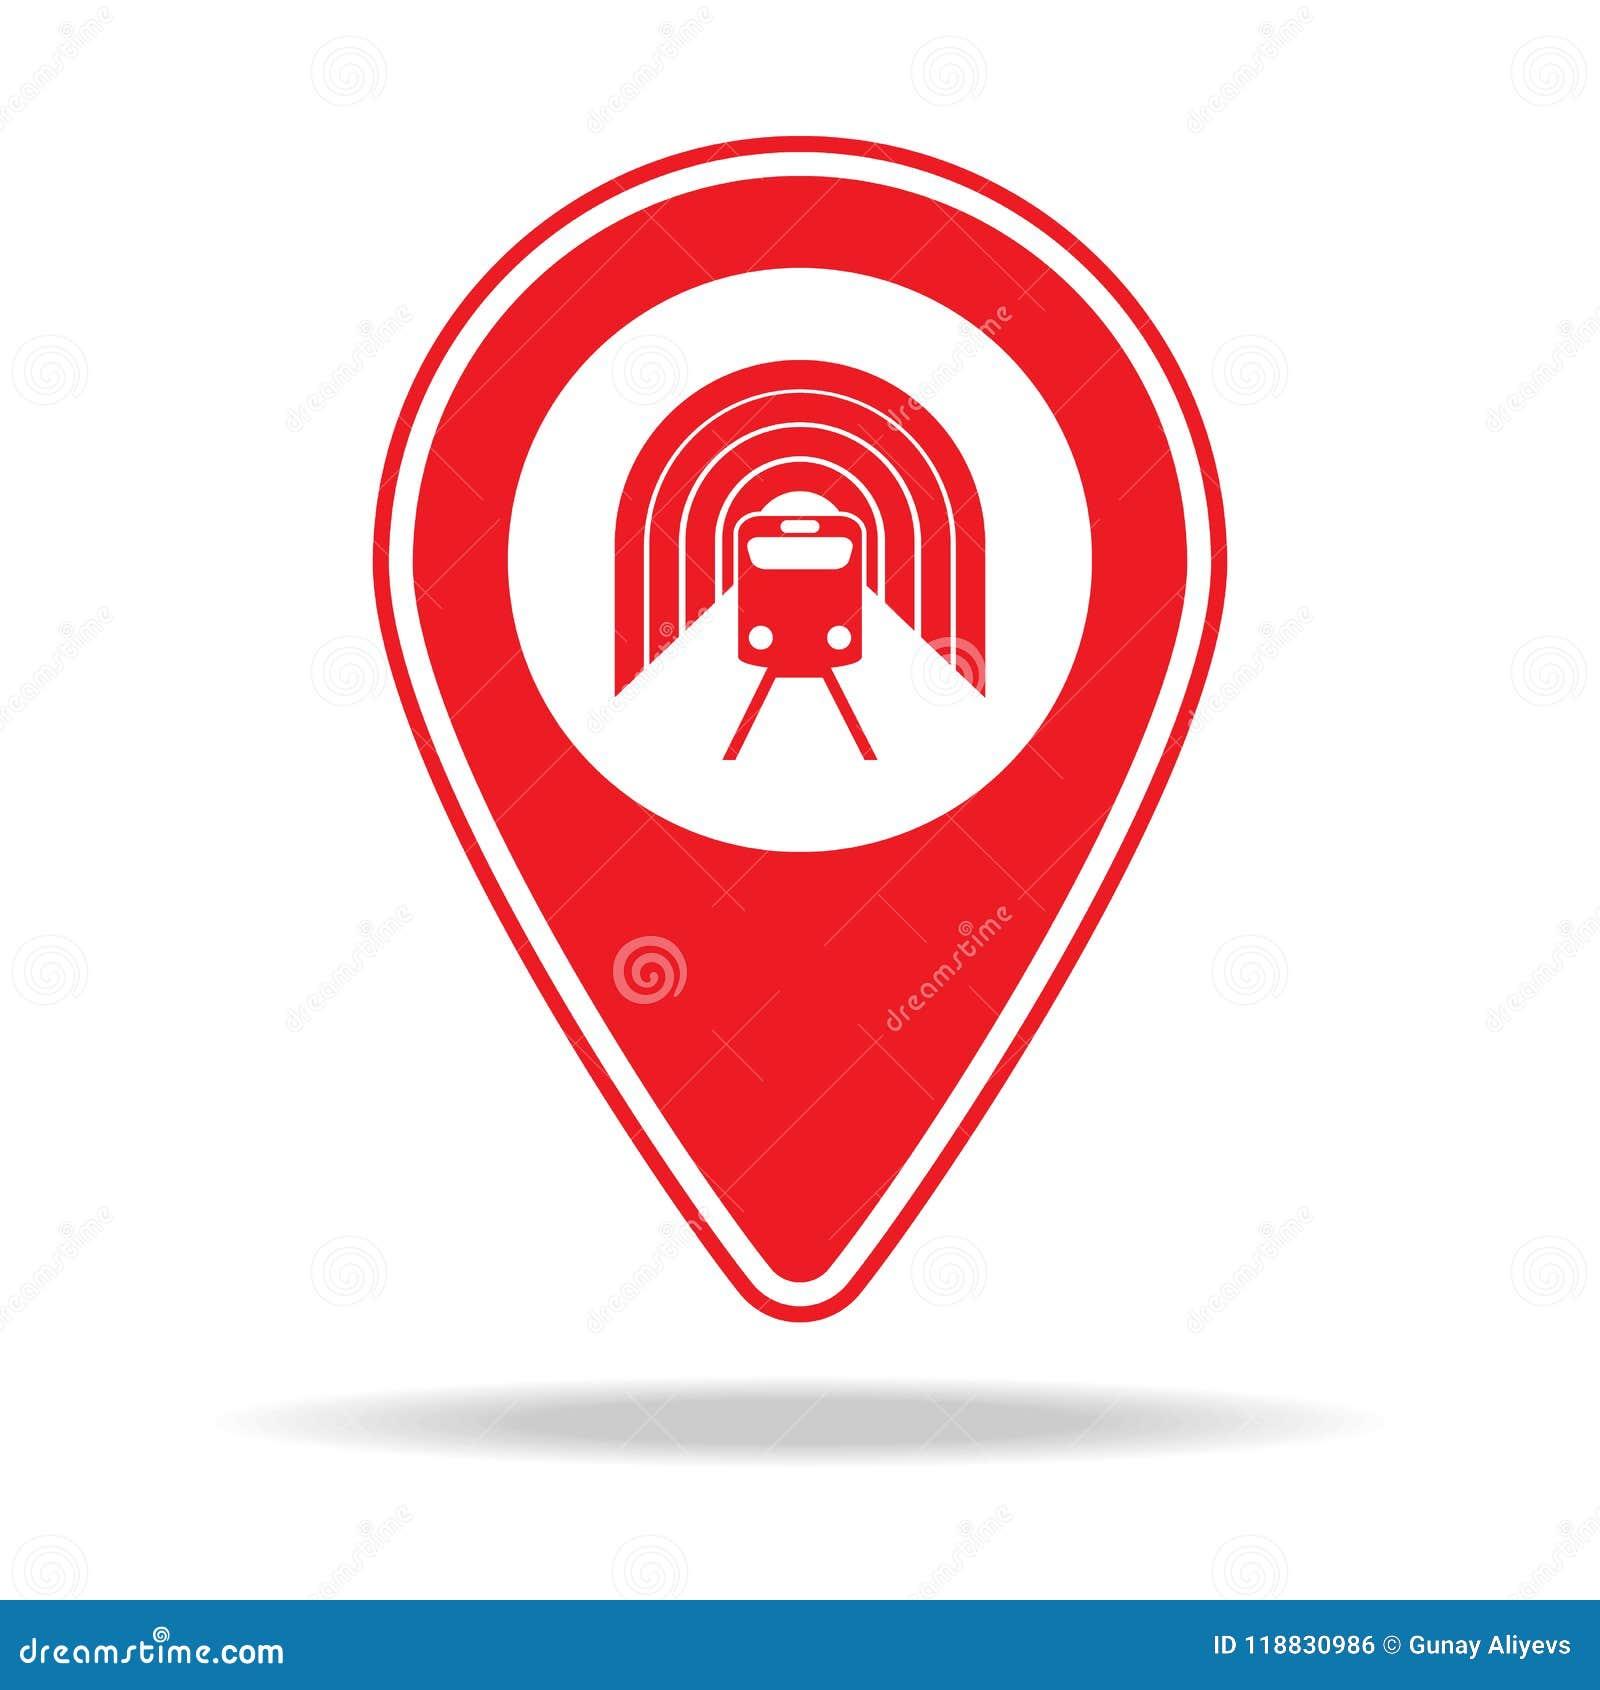 Subway Map Sign.Subway Station Map Pin Icon Element Of Warning Navigation Pin Icon